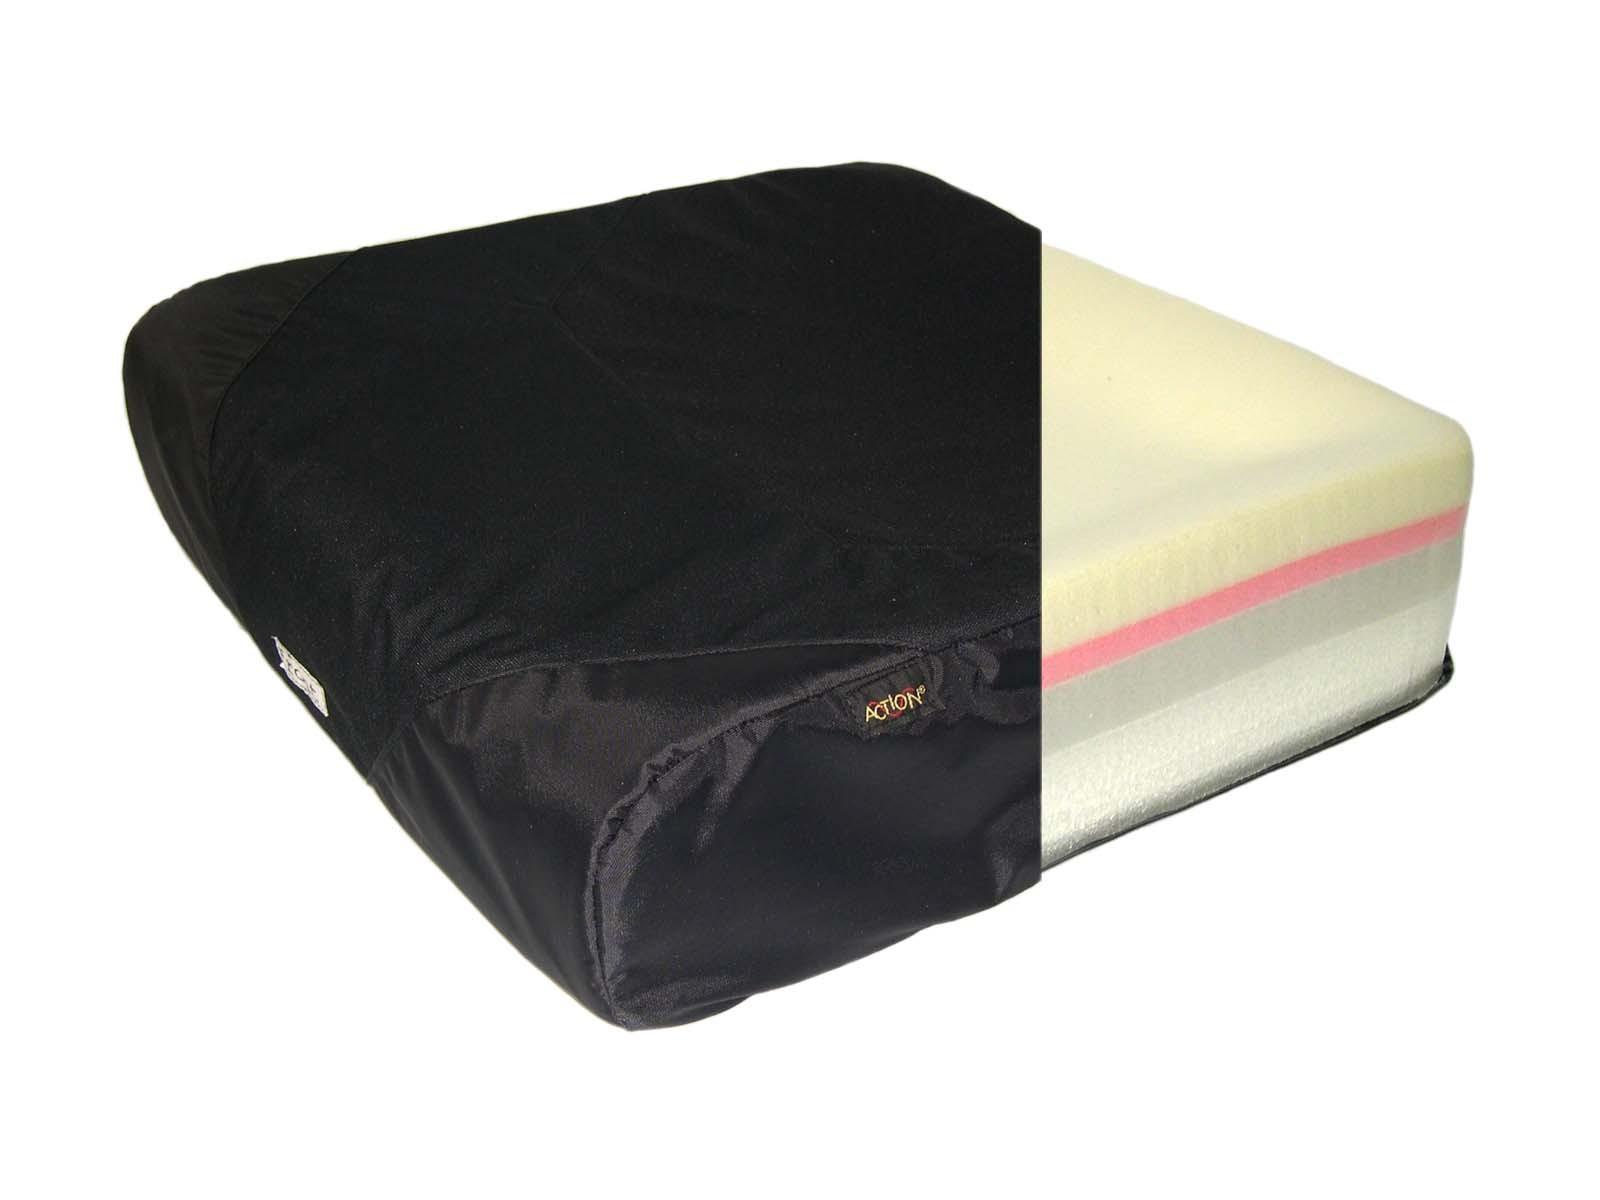 Wheelchair Seat Cushions Product : Xact soft cushion wheelchair cushions home medical